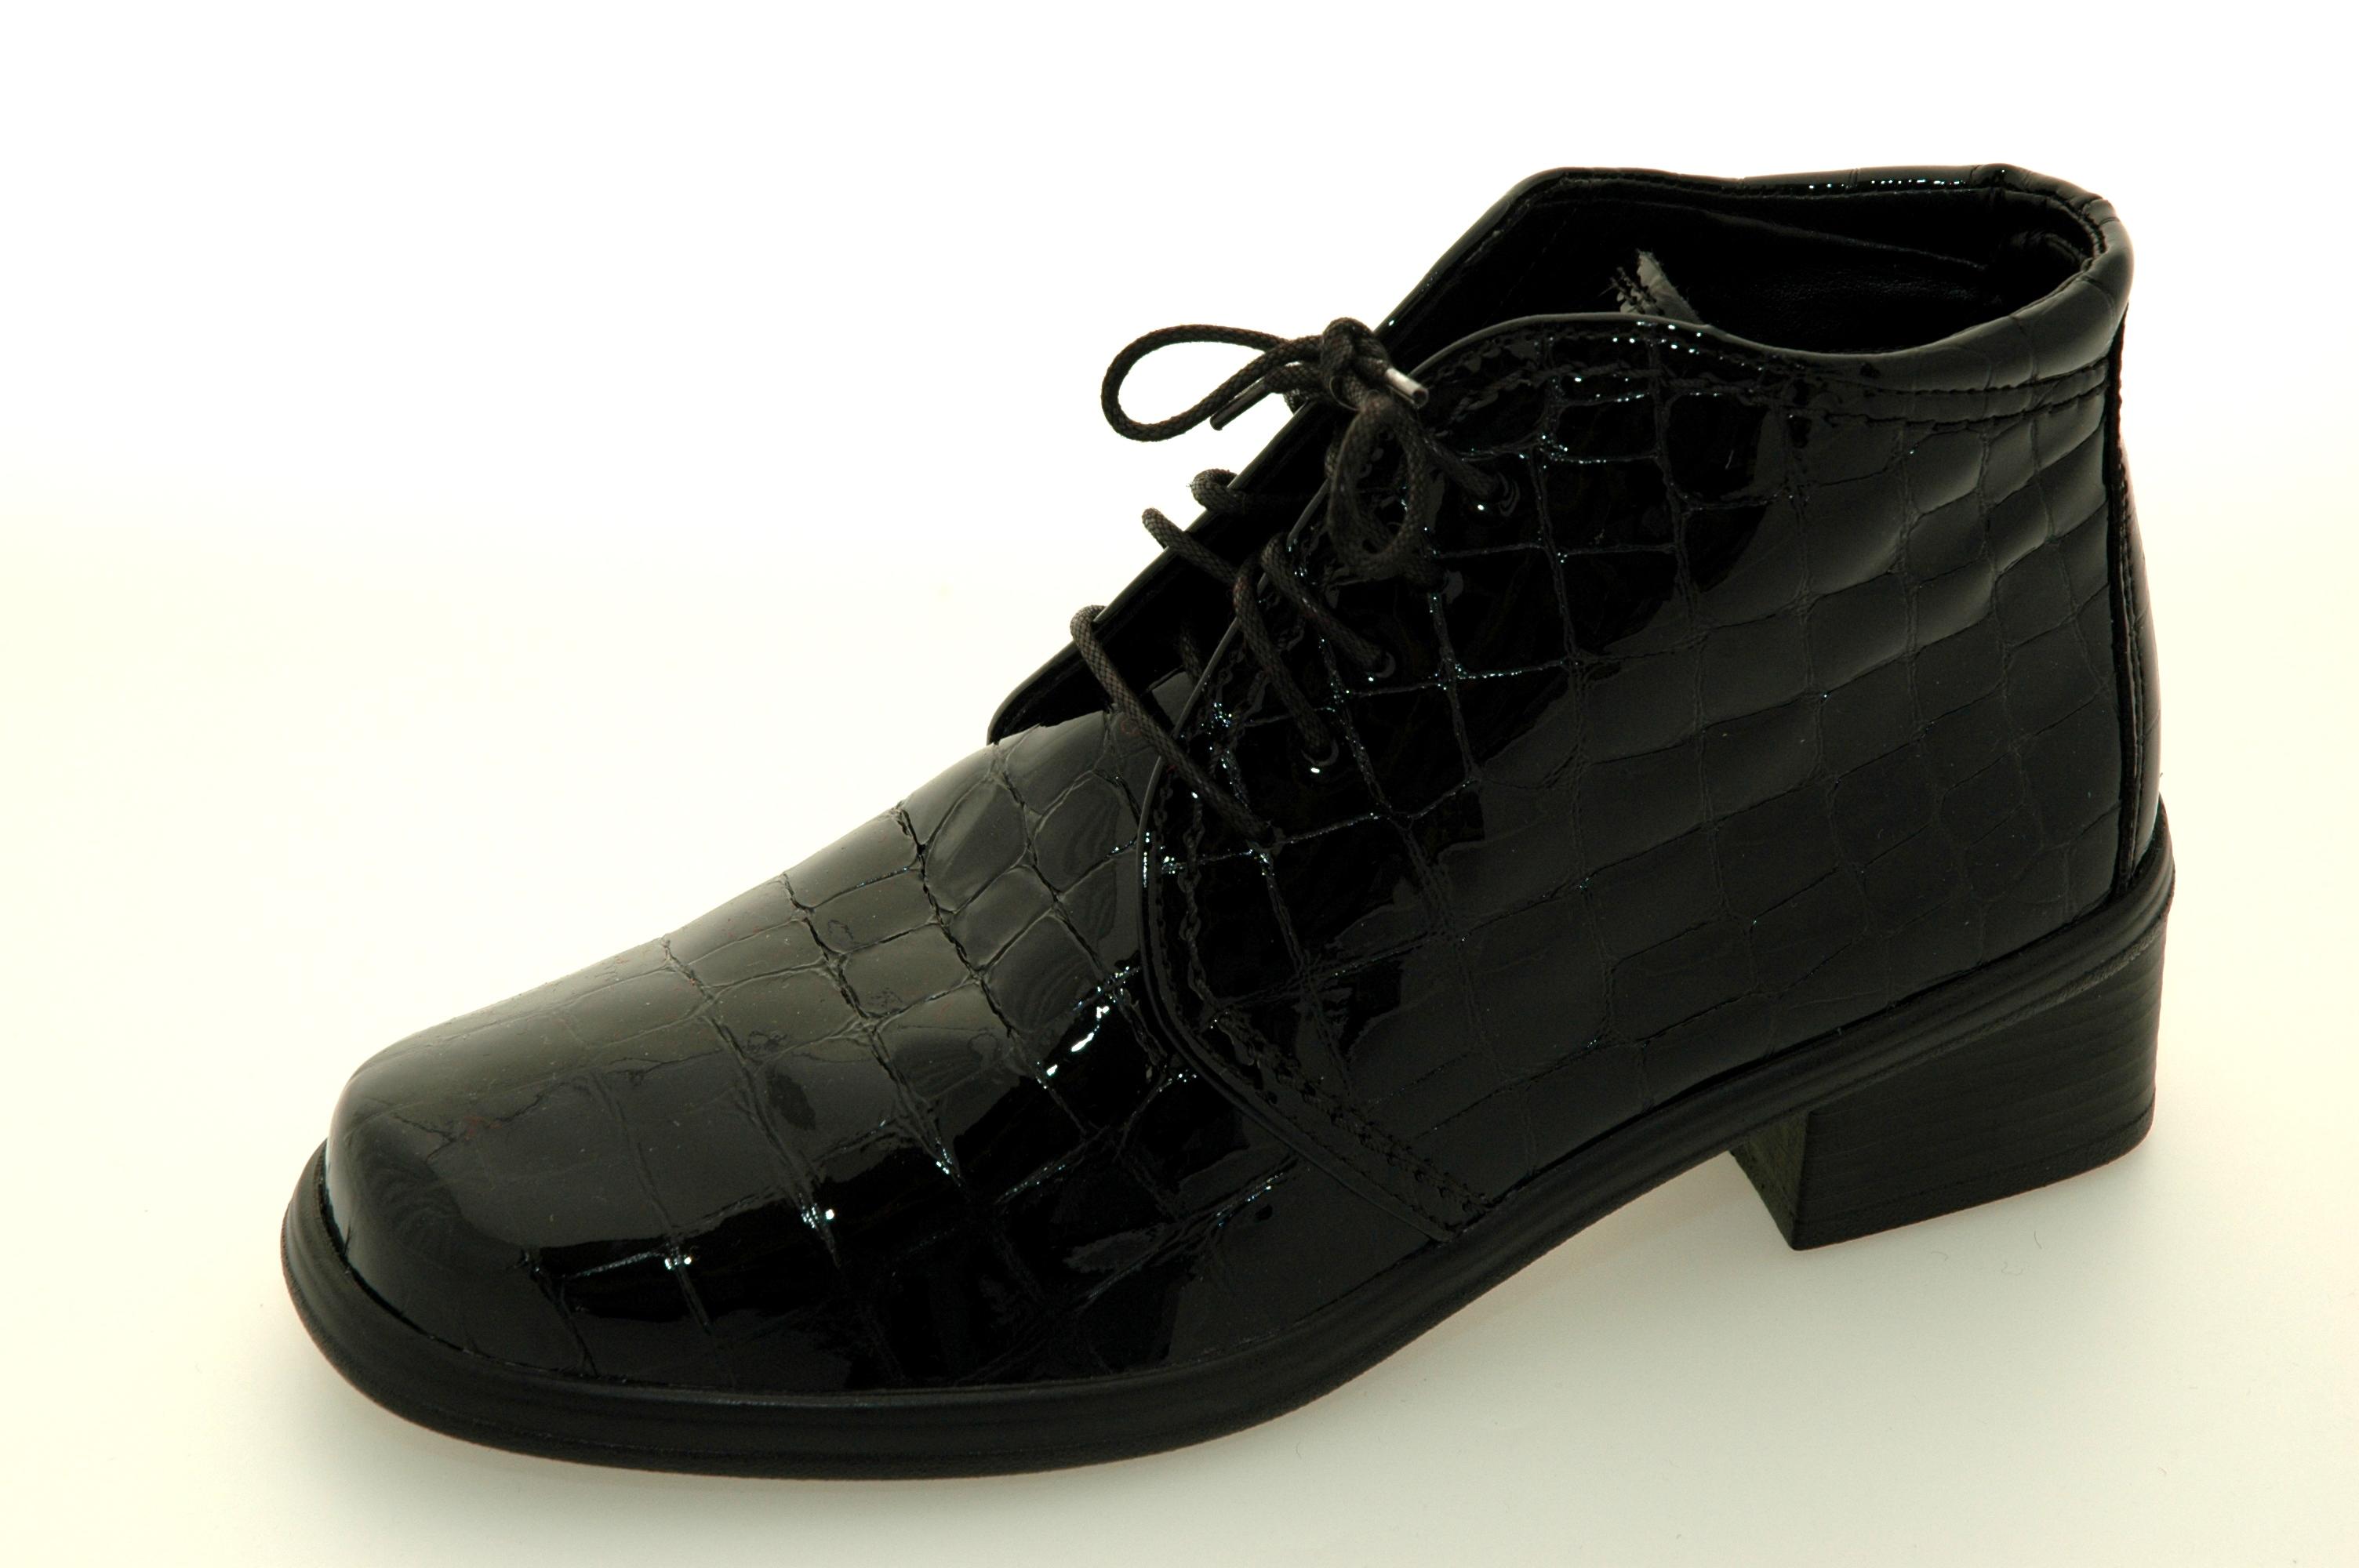 gabor støvletter sort, Sort gabor lakk sko dame, gabor